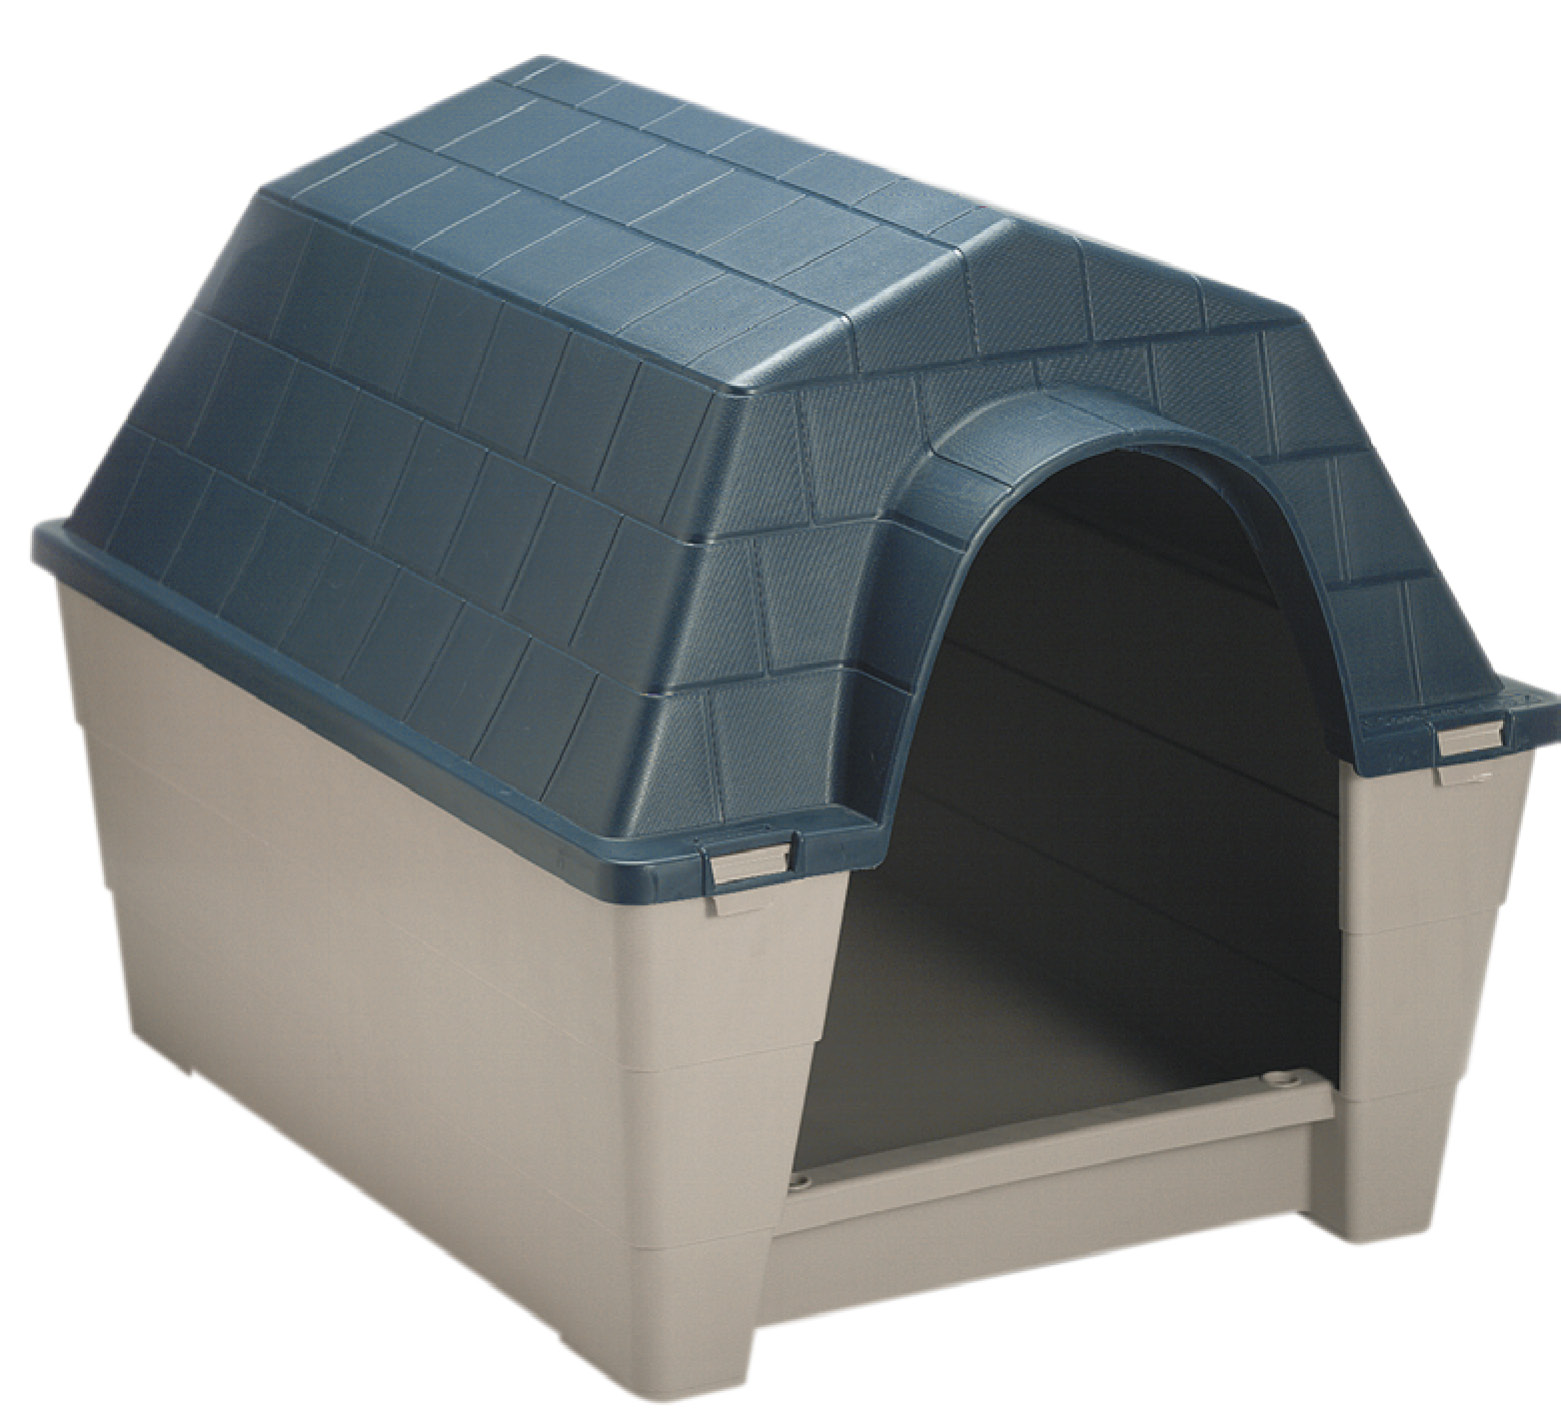 Casetas para perros casas para perros accesorios de perros for Casetas de plastico para jardin